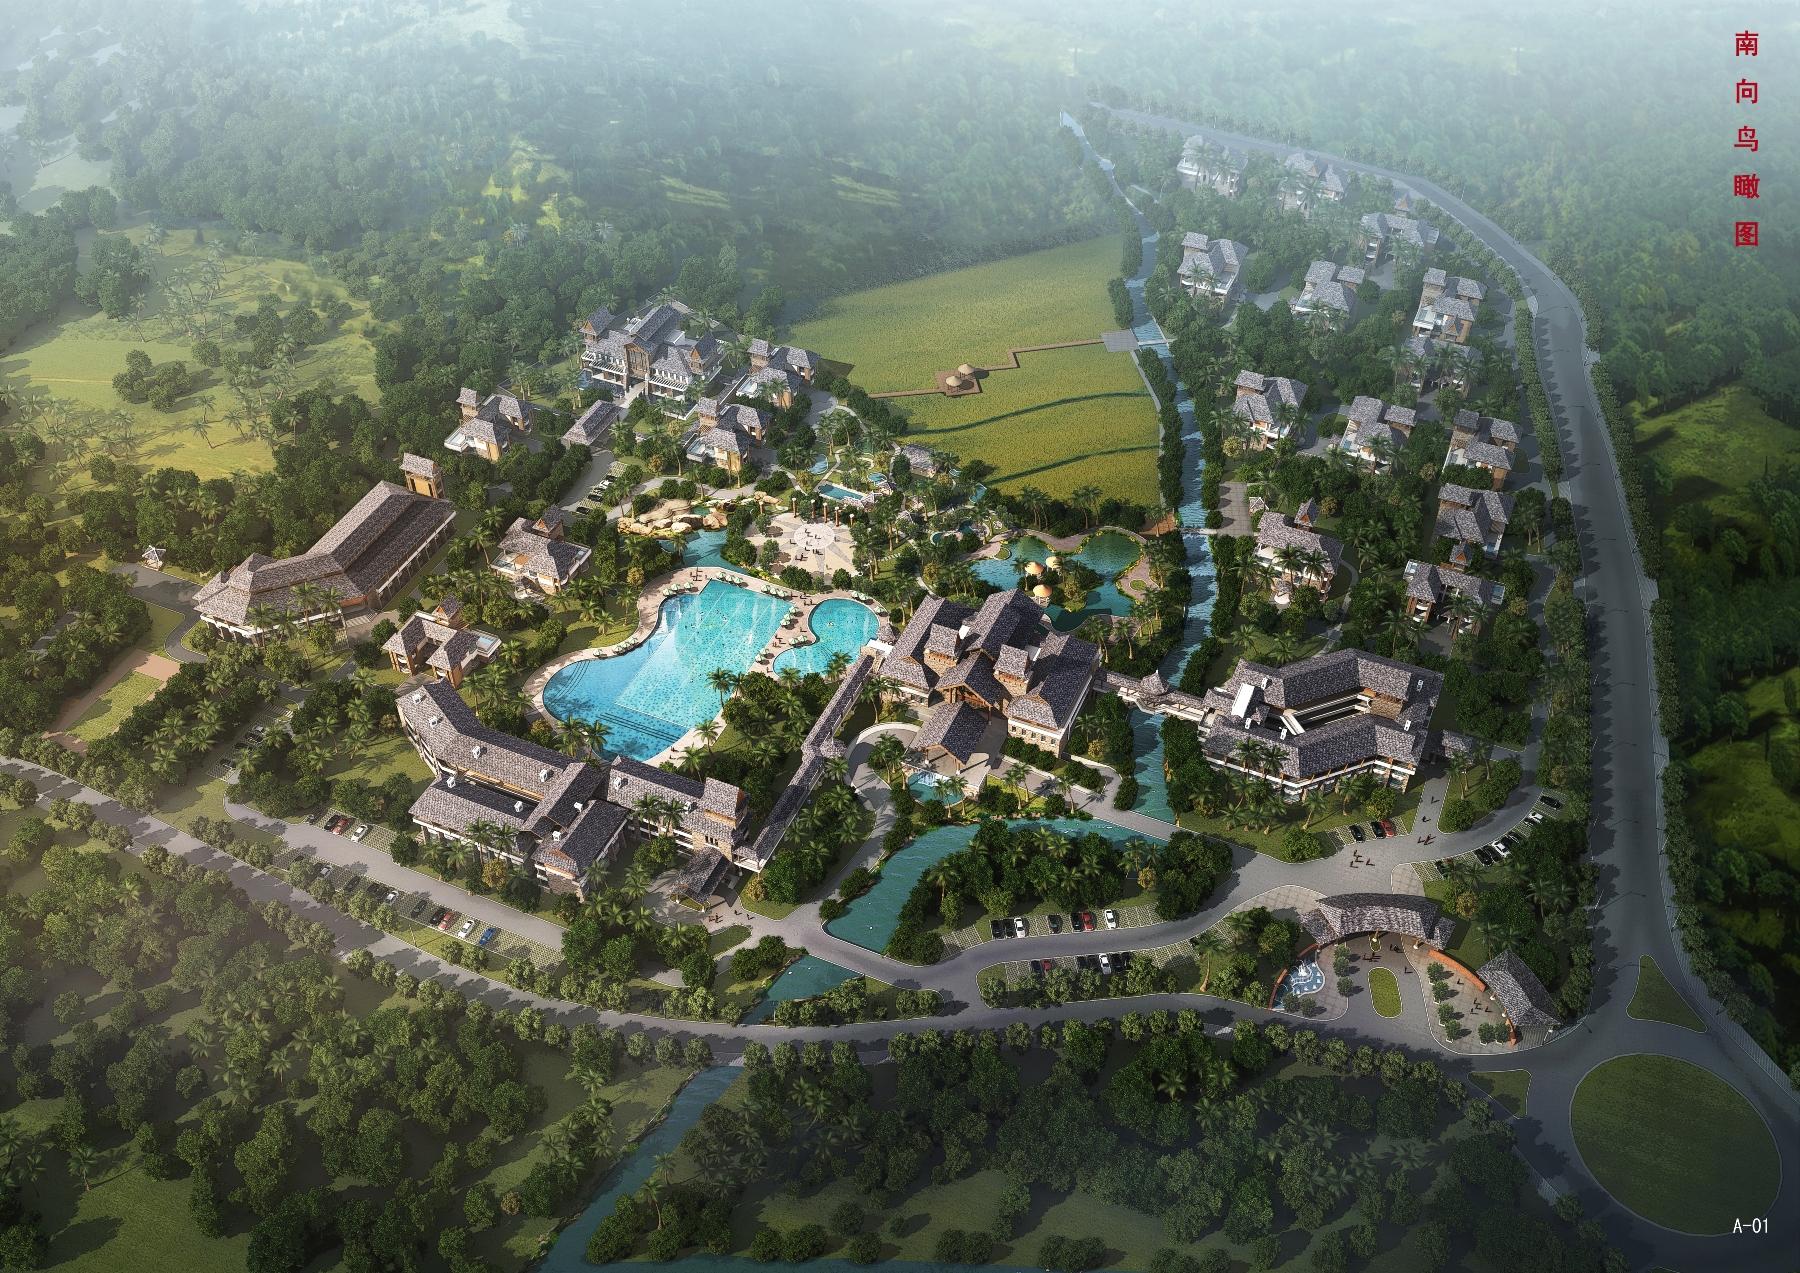 An aerial view of the Dusit Devarana Hainan